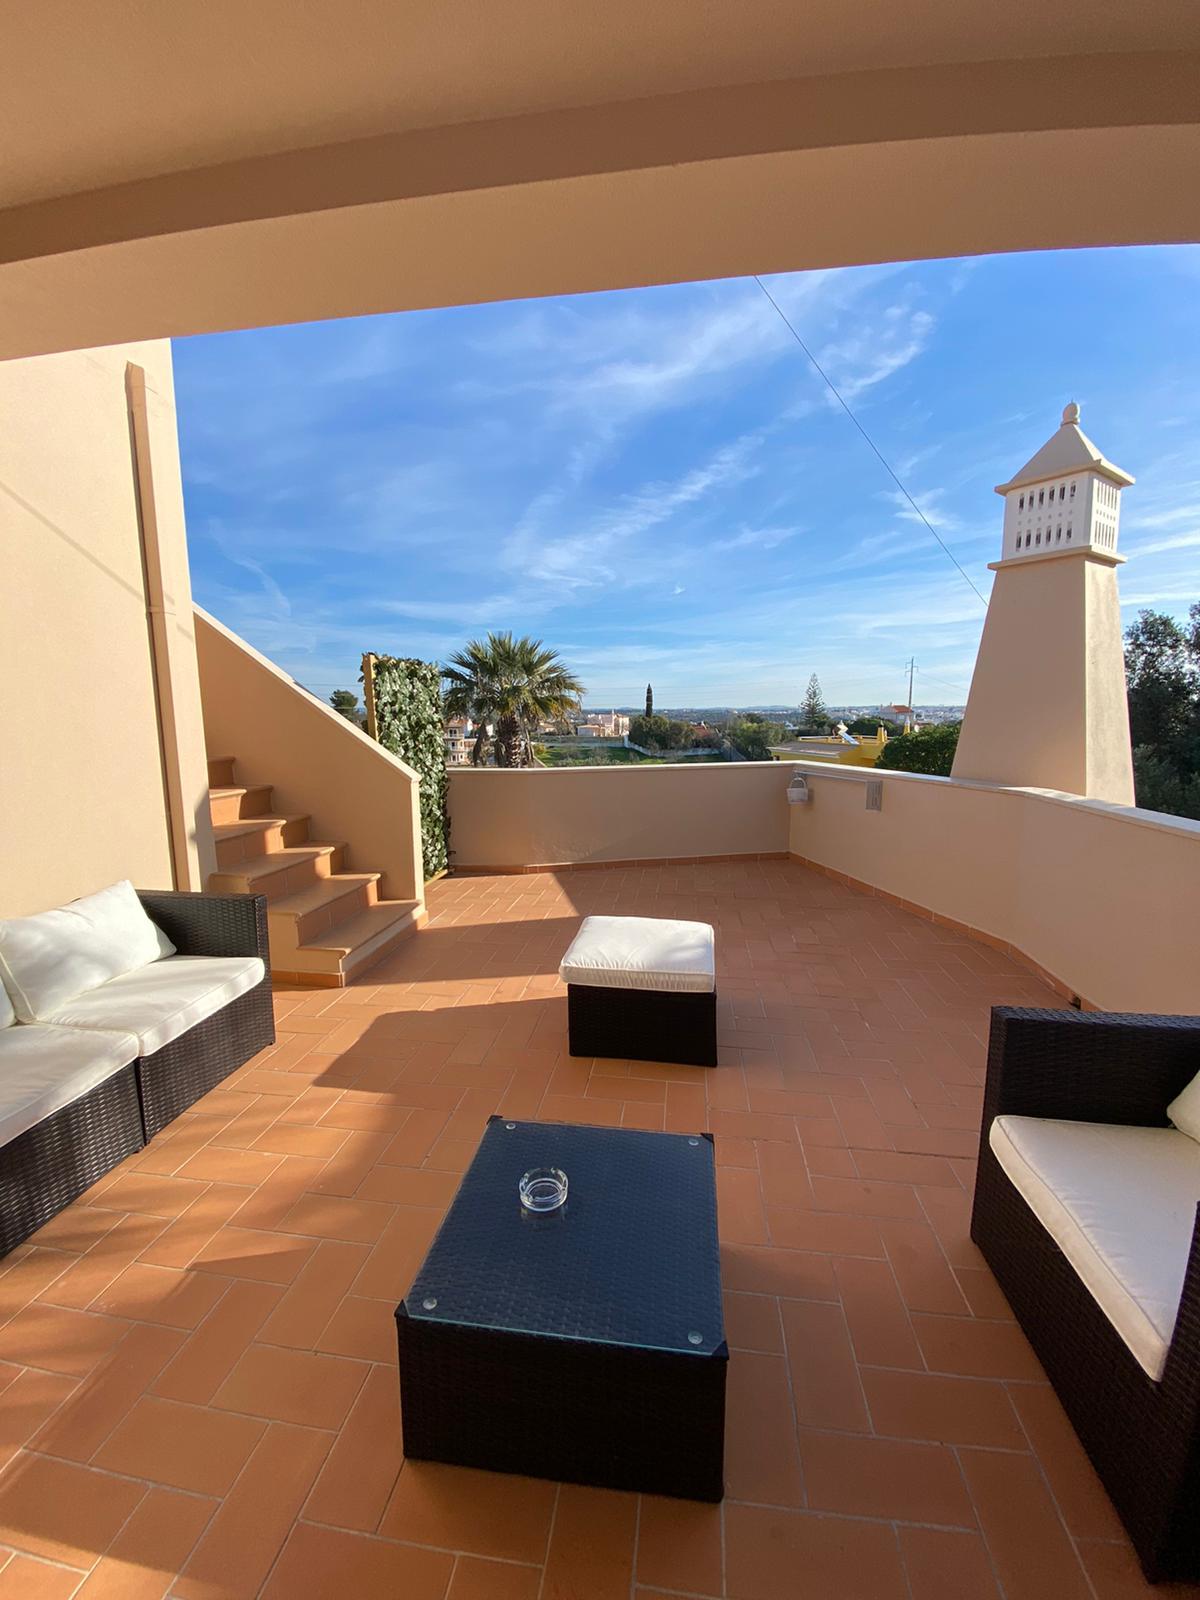 Holiday apartments and villas for rent, Villa L'Estaque , chambres d'hôtes in Armação de Pêra, Portugal Algarve, REF_IMG_15648_15657